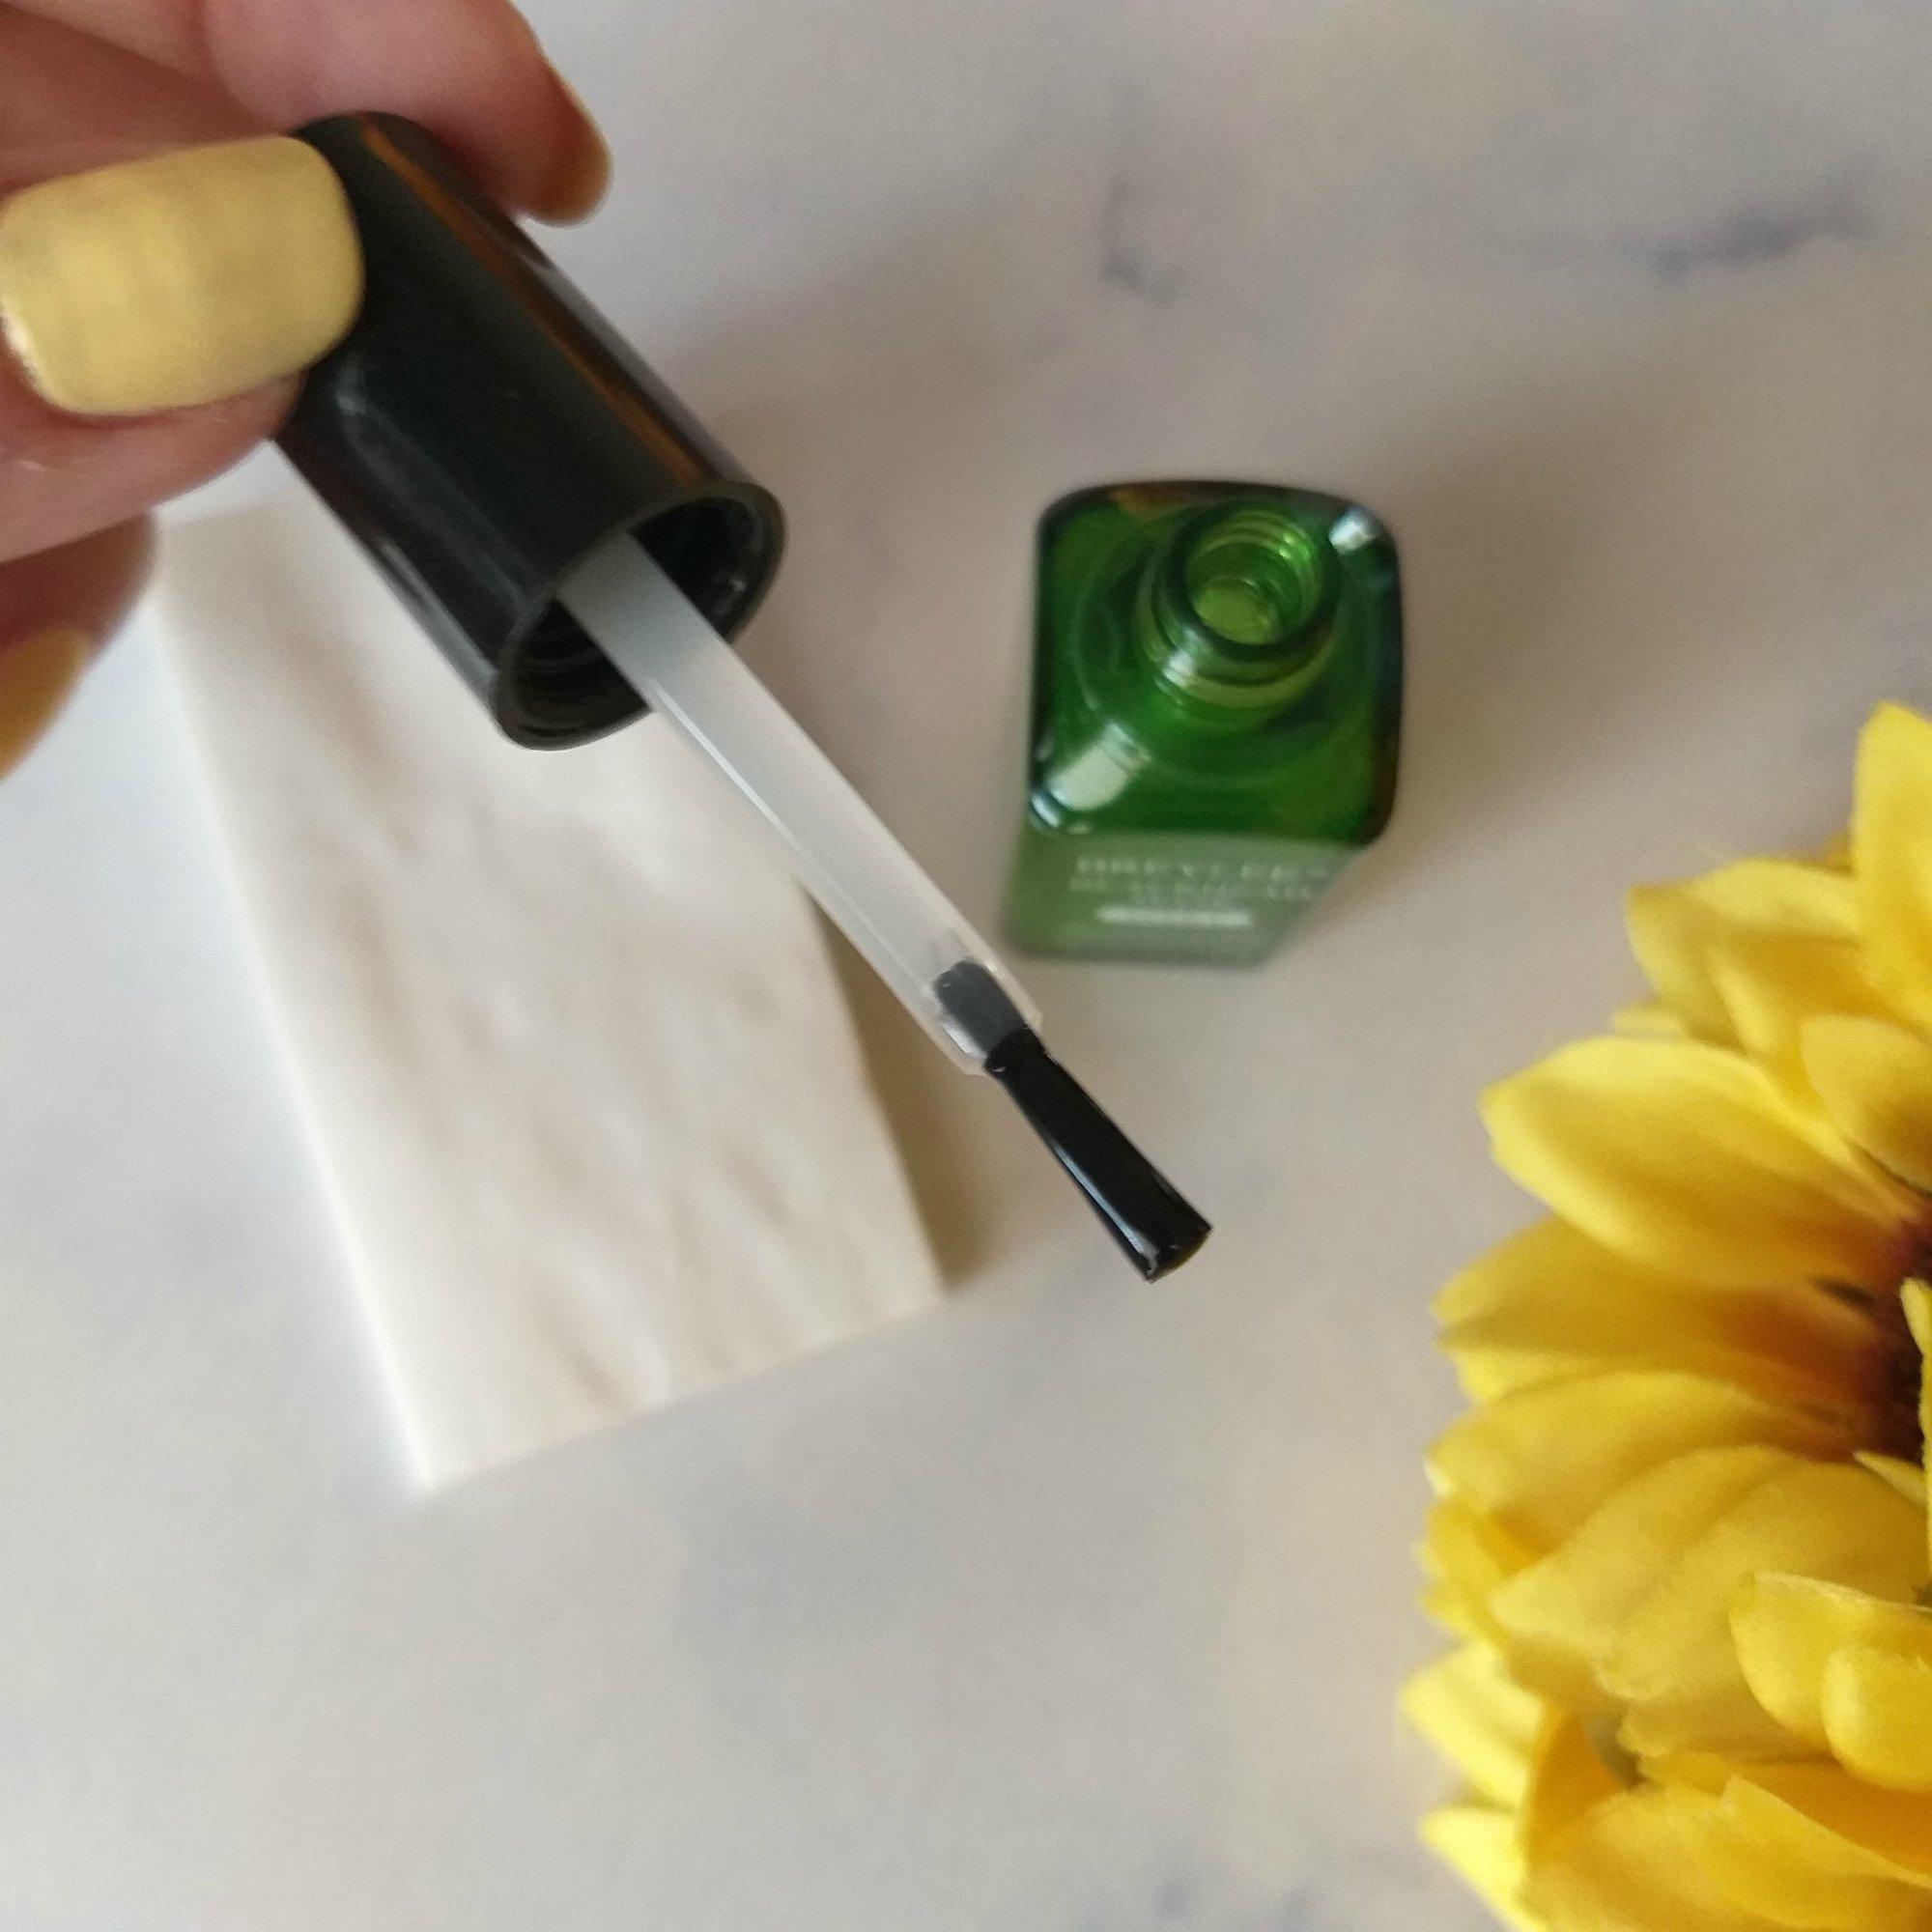 BREYLEE маска и сыворотка для ухода за кожей - обзор